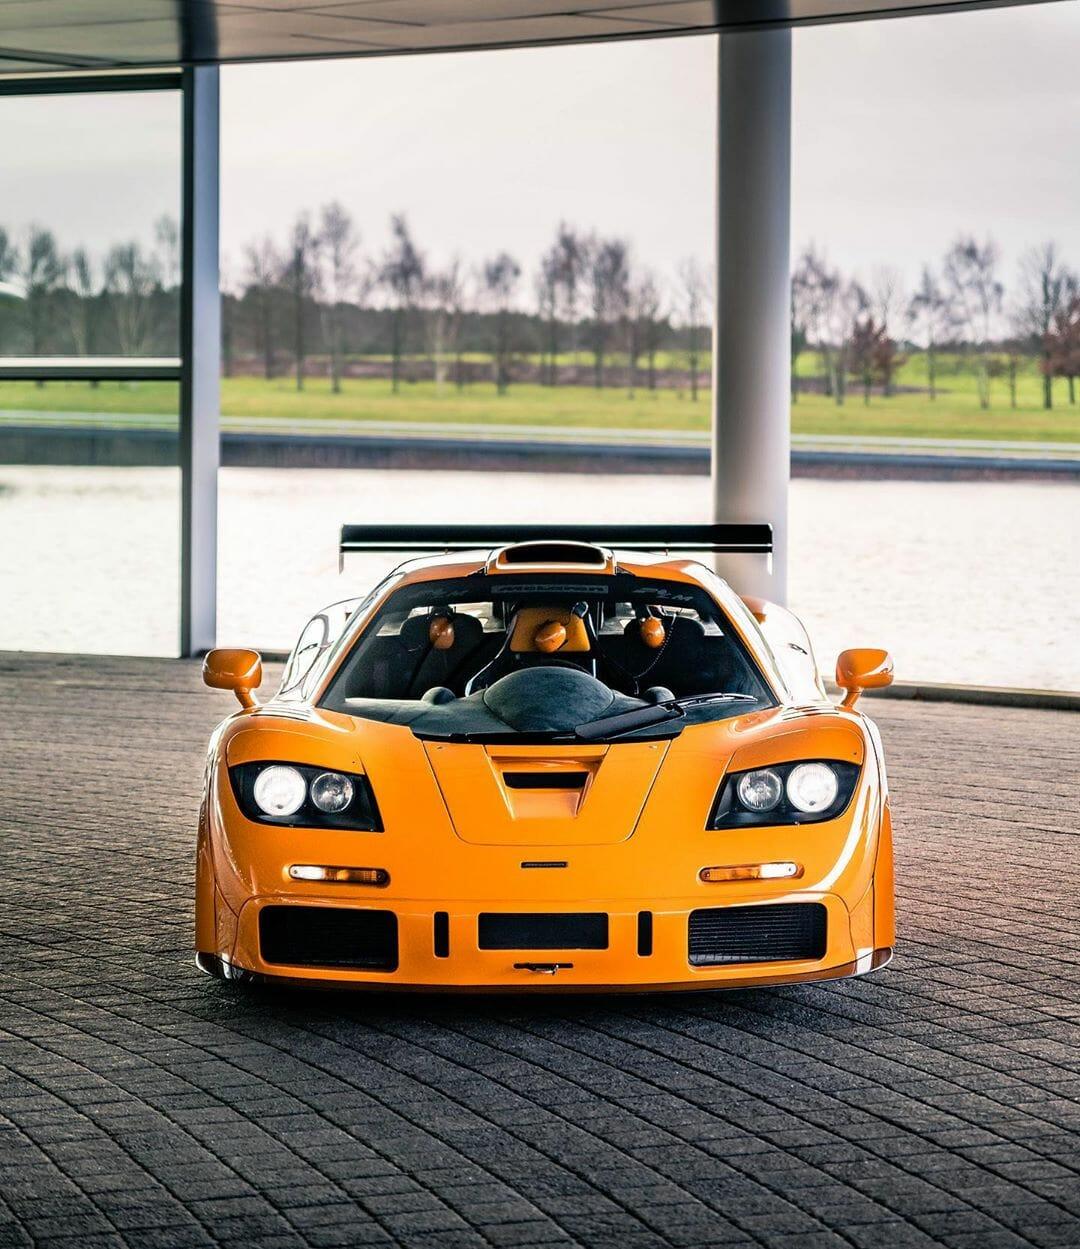 McLaren F1 LM - Image 2